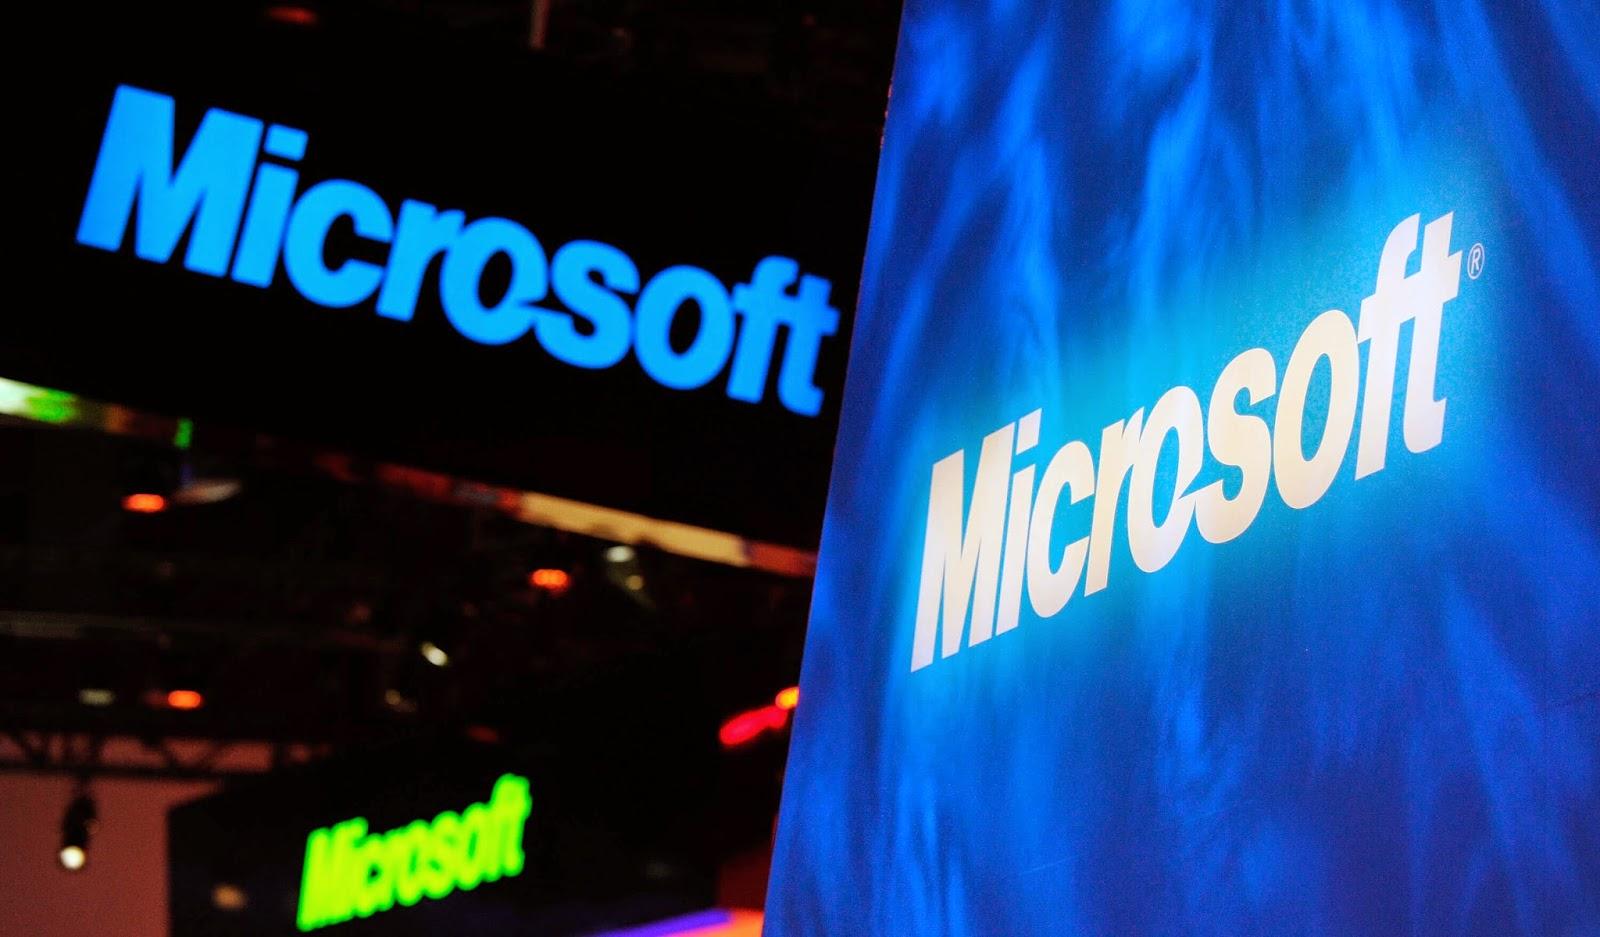 على خطى سوني و سامسونغ، مايكروسوفت تعد مفاجئة 2015 !